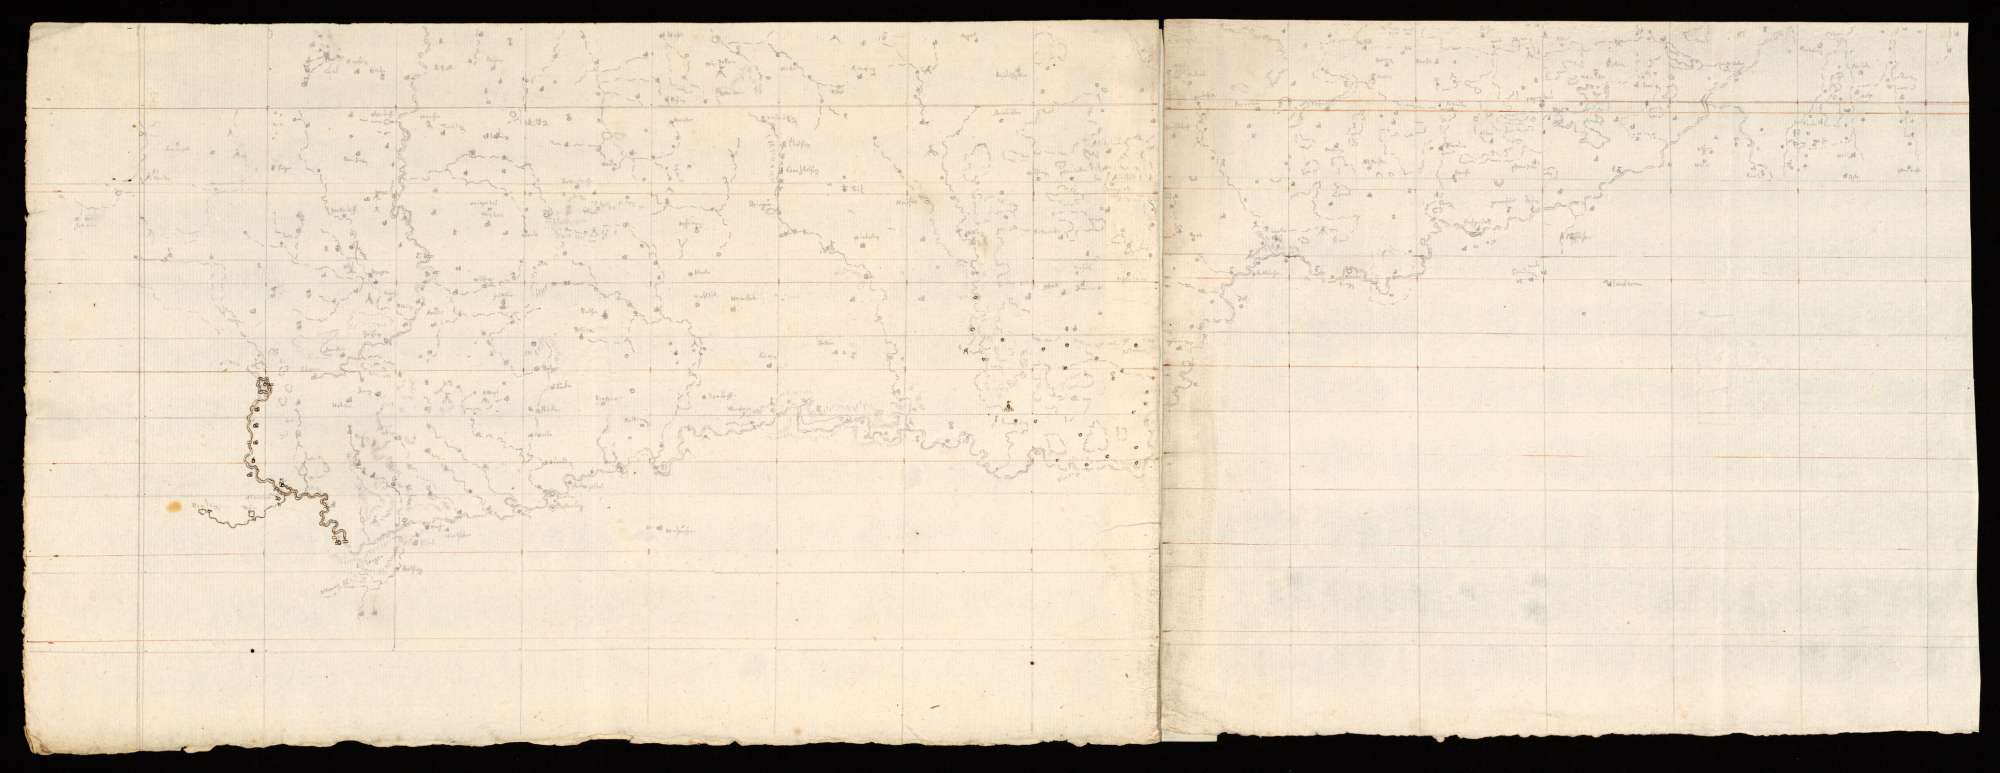 [Karte der Donau von ihrem Ursprung bis Ulm und des nördlich davon liegenden Gebiets], Bild 1